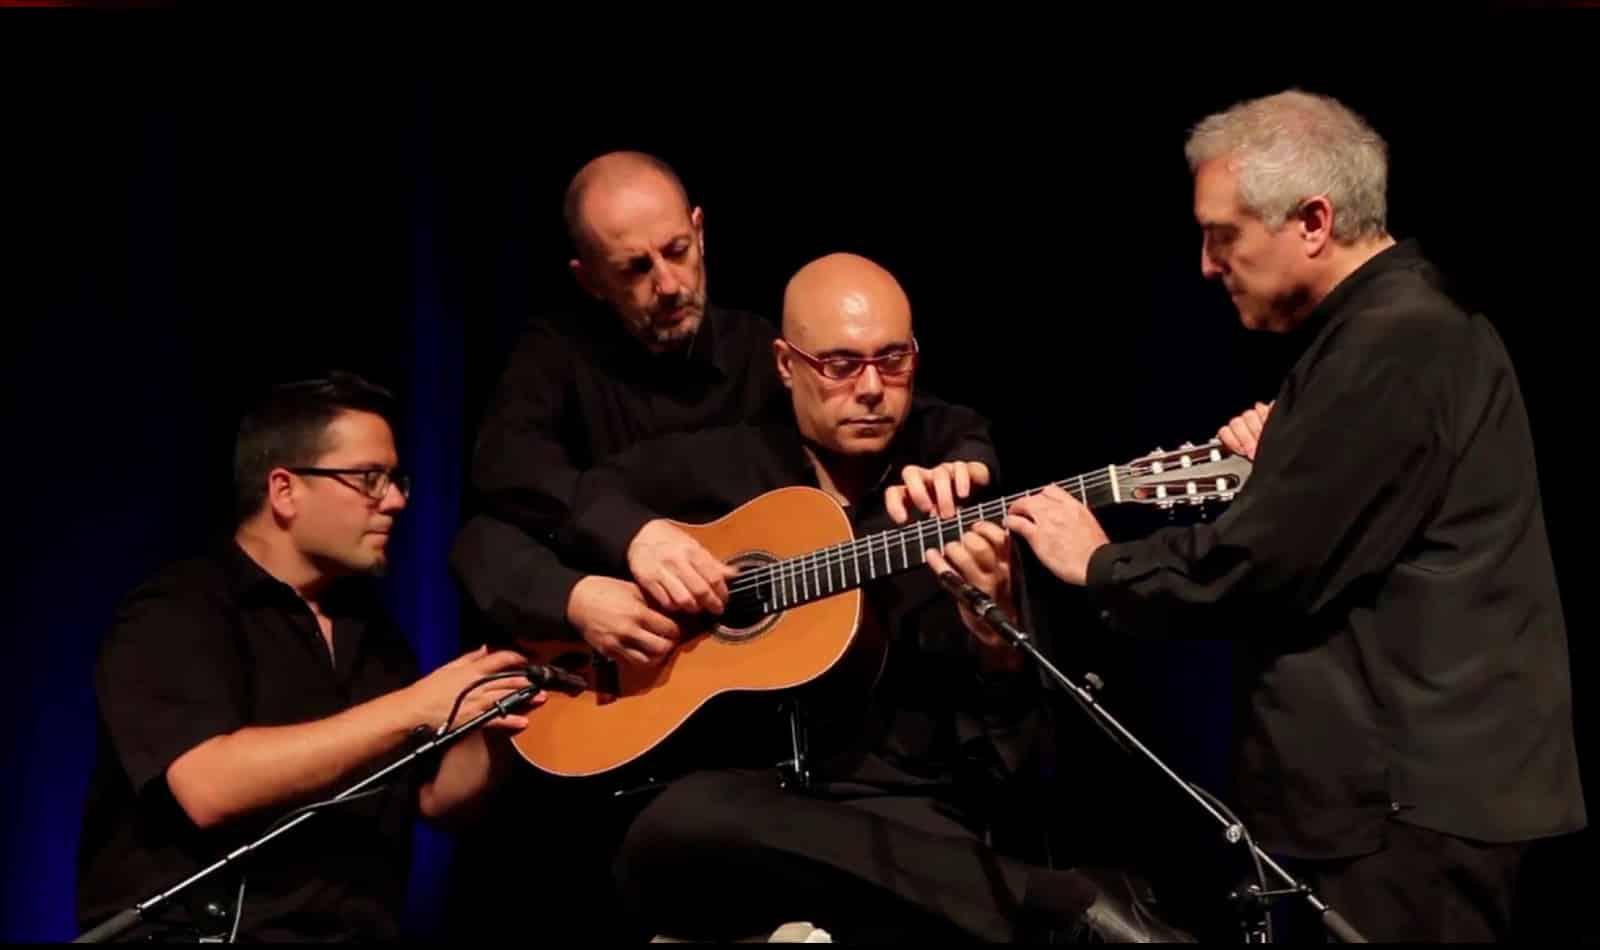 4 manos y una guitarra